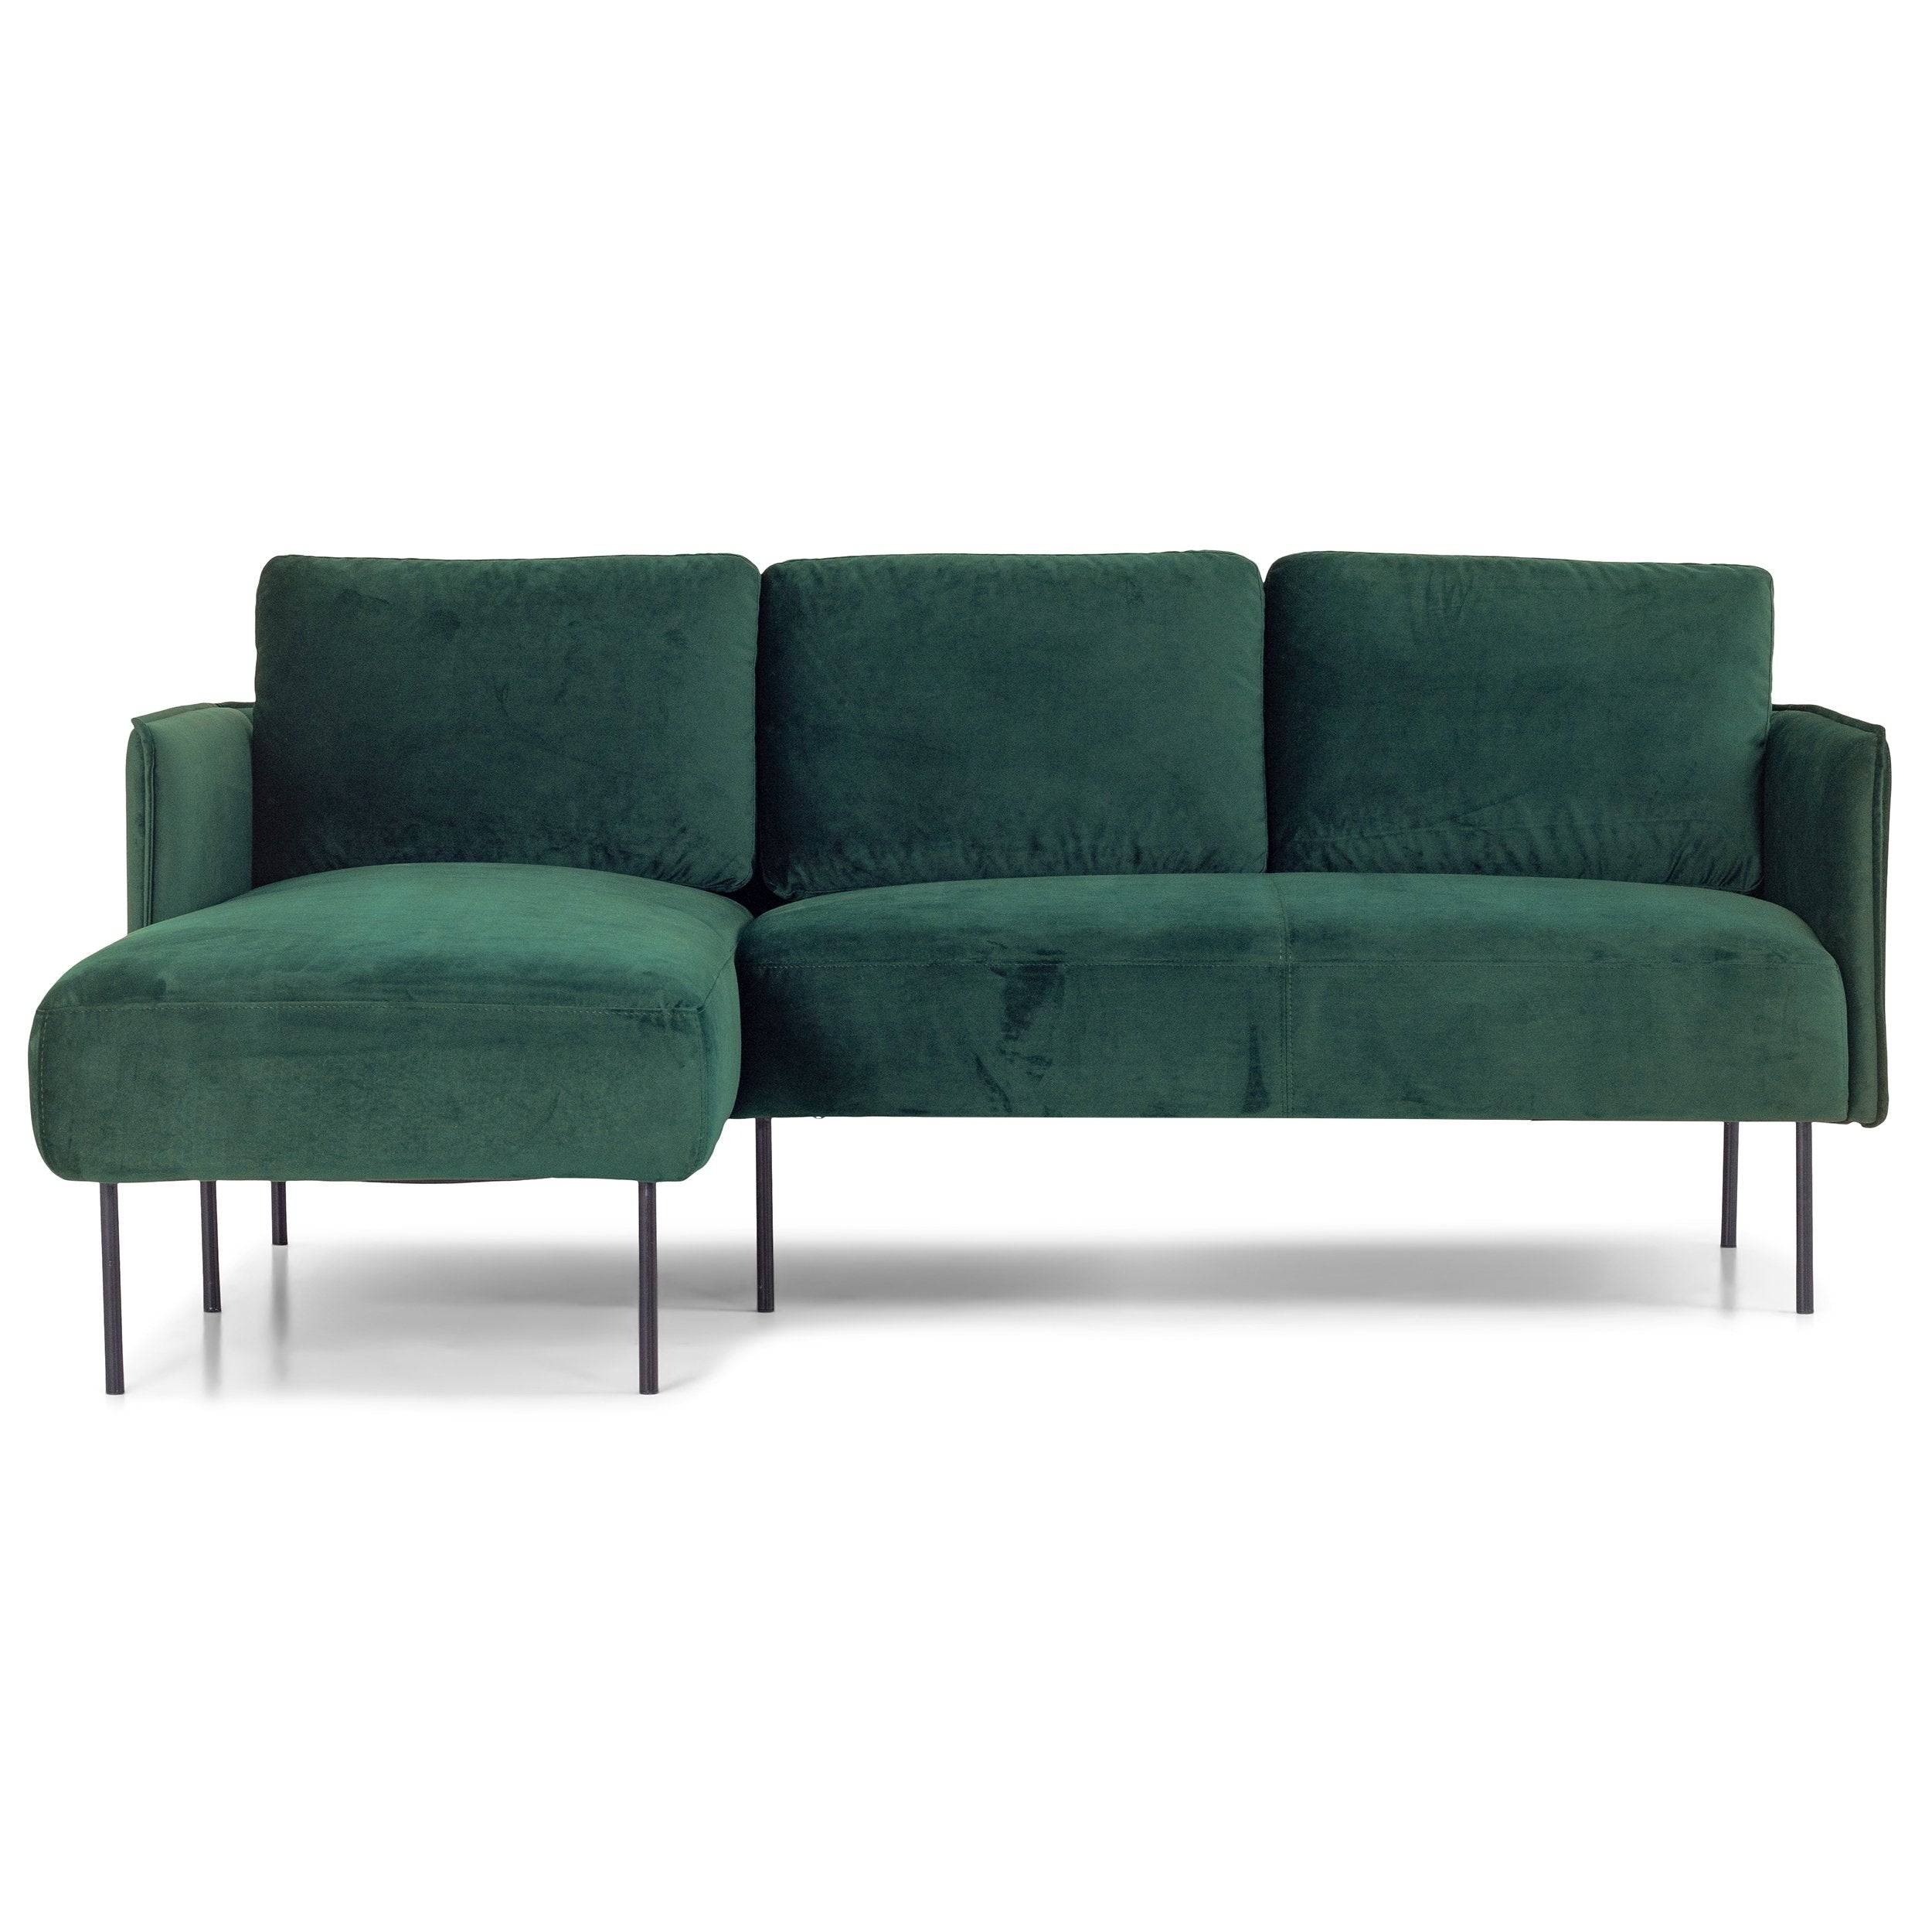 nimara.dk Nela - Venstrevendt chaiselong sofa mørkegrøn velour - 192 cm